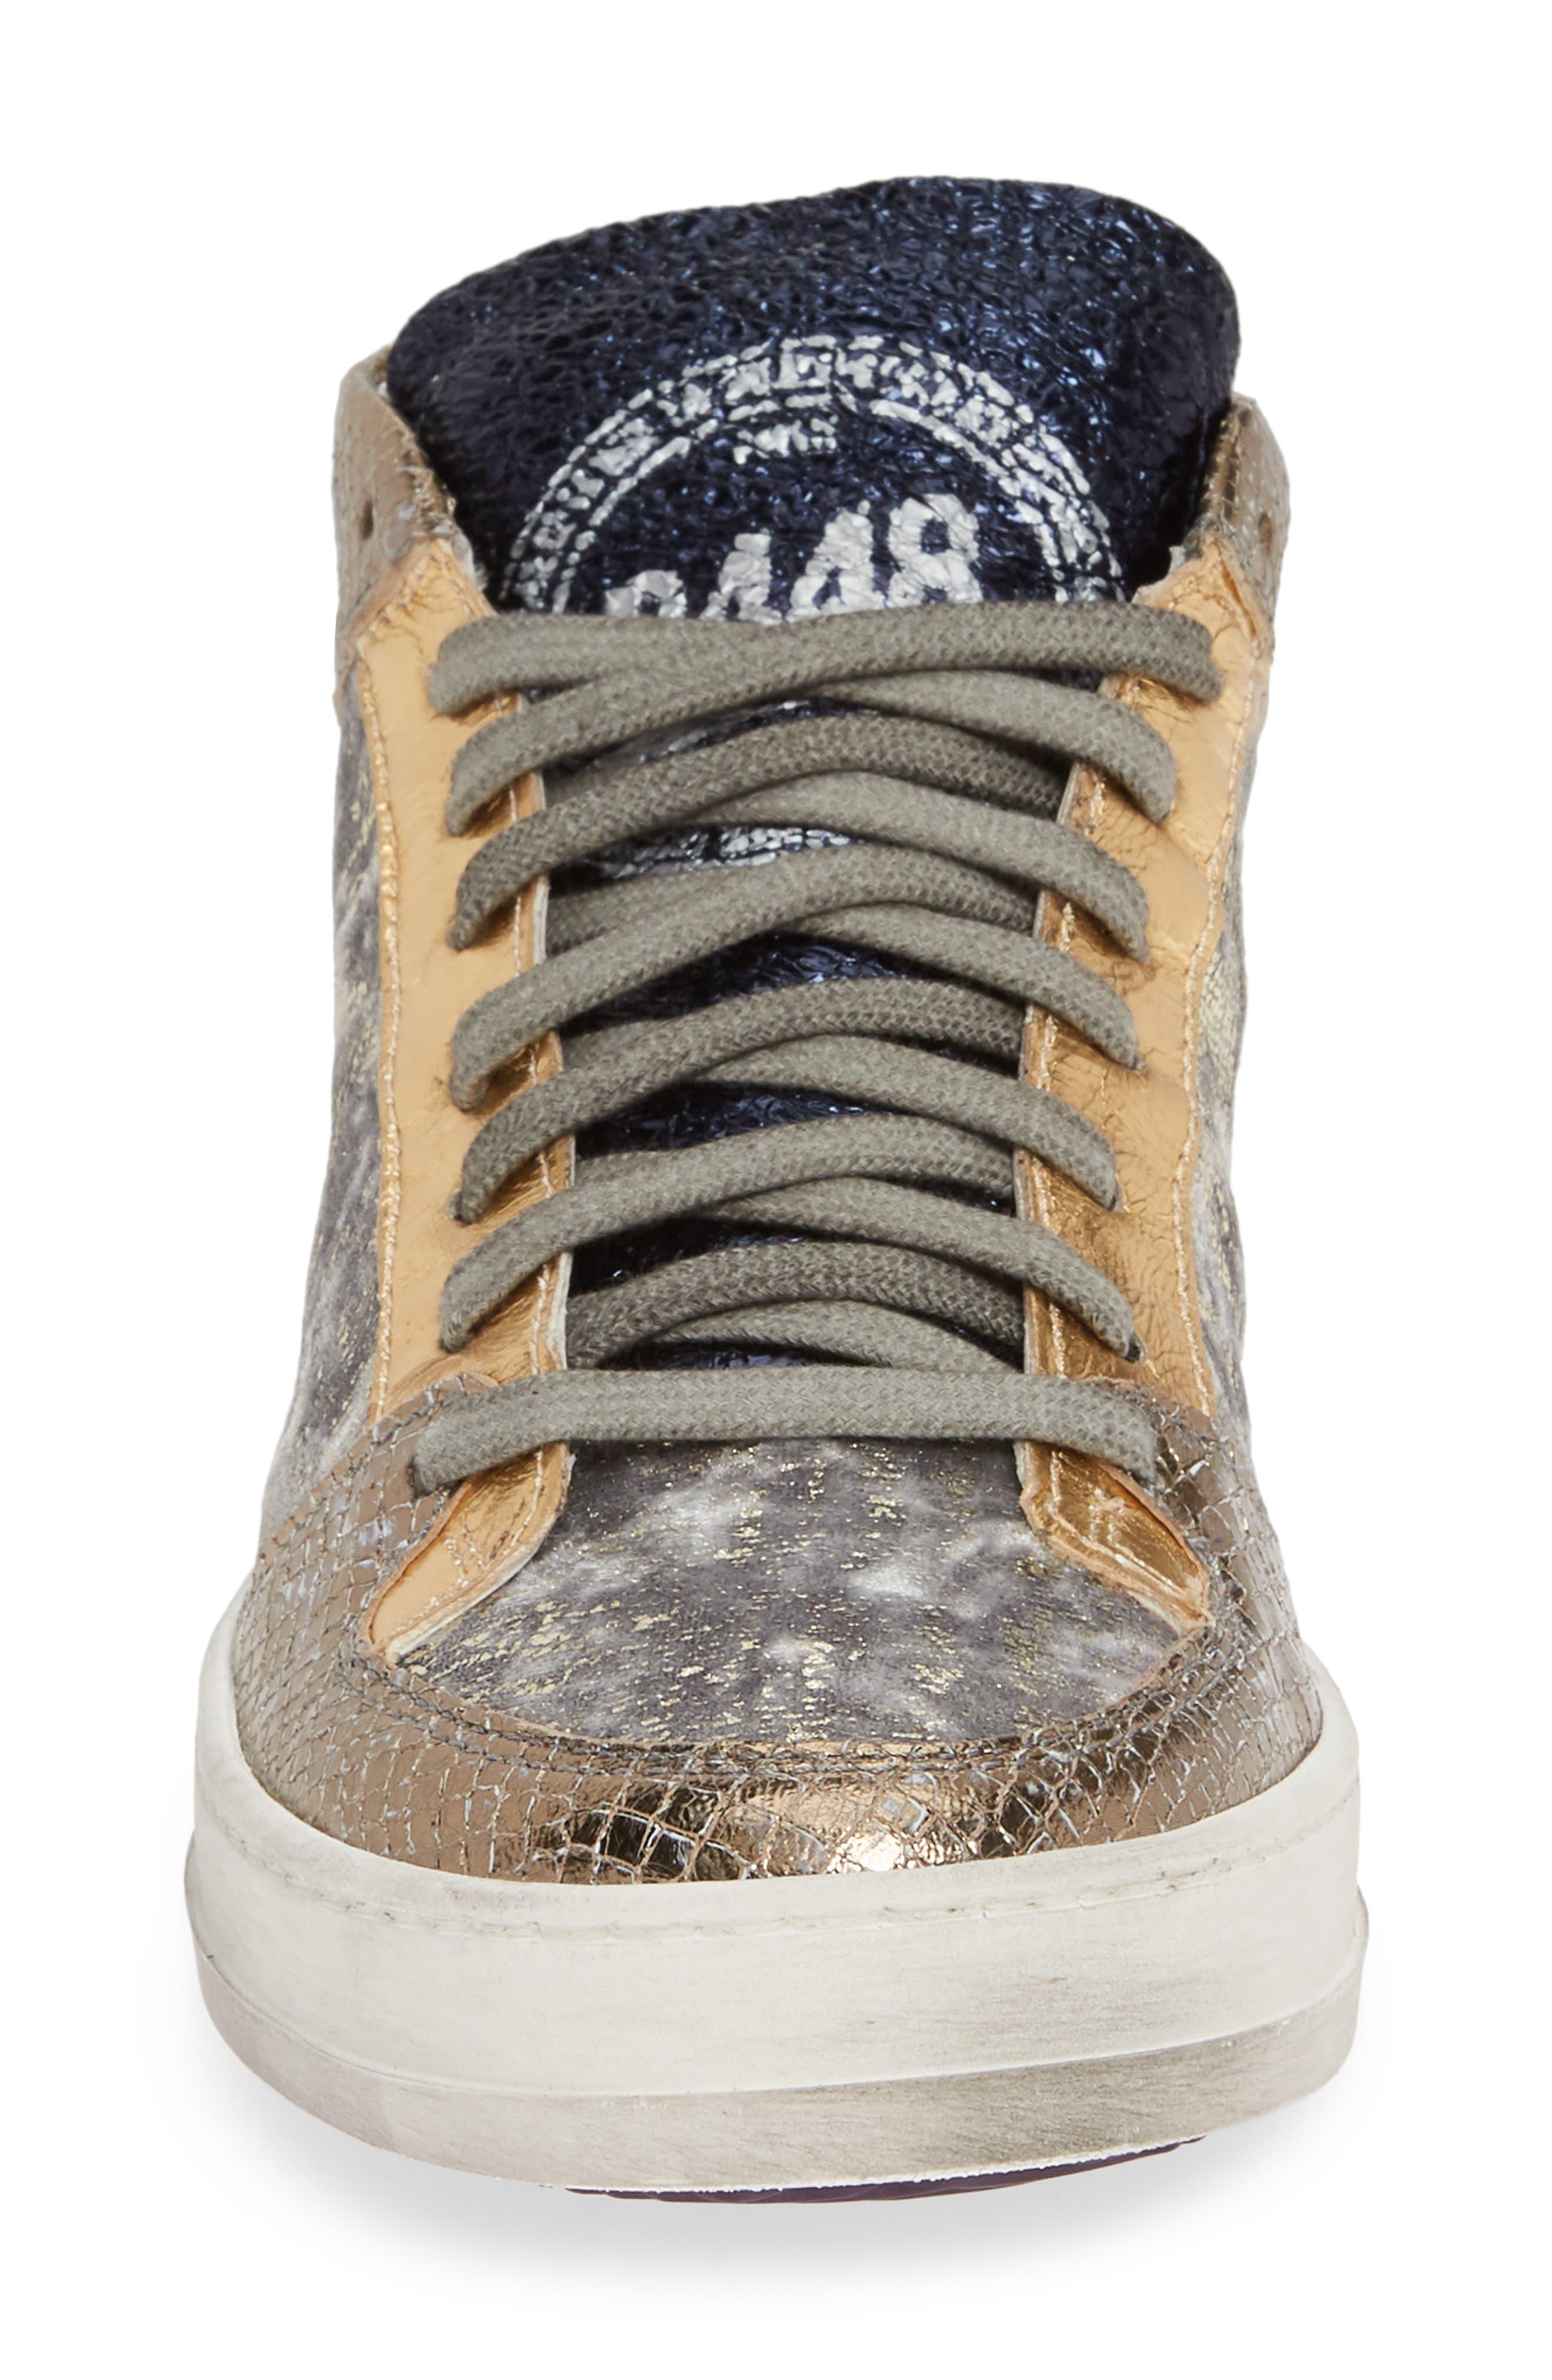 Shop P448 Queens Mid Sneaker In Lurex